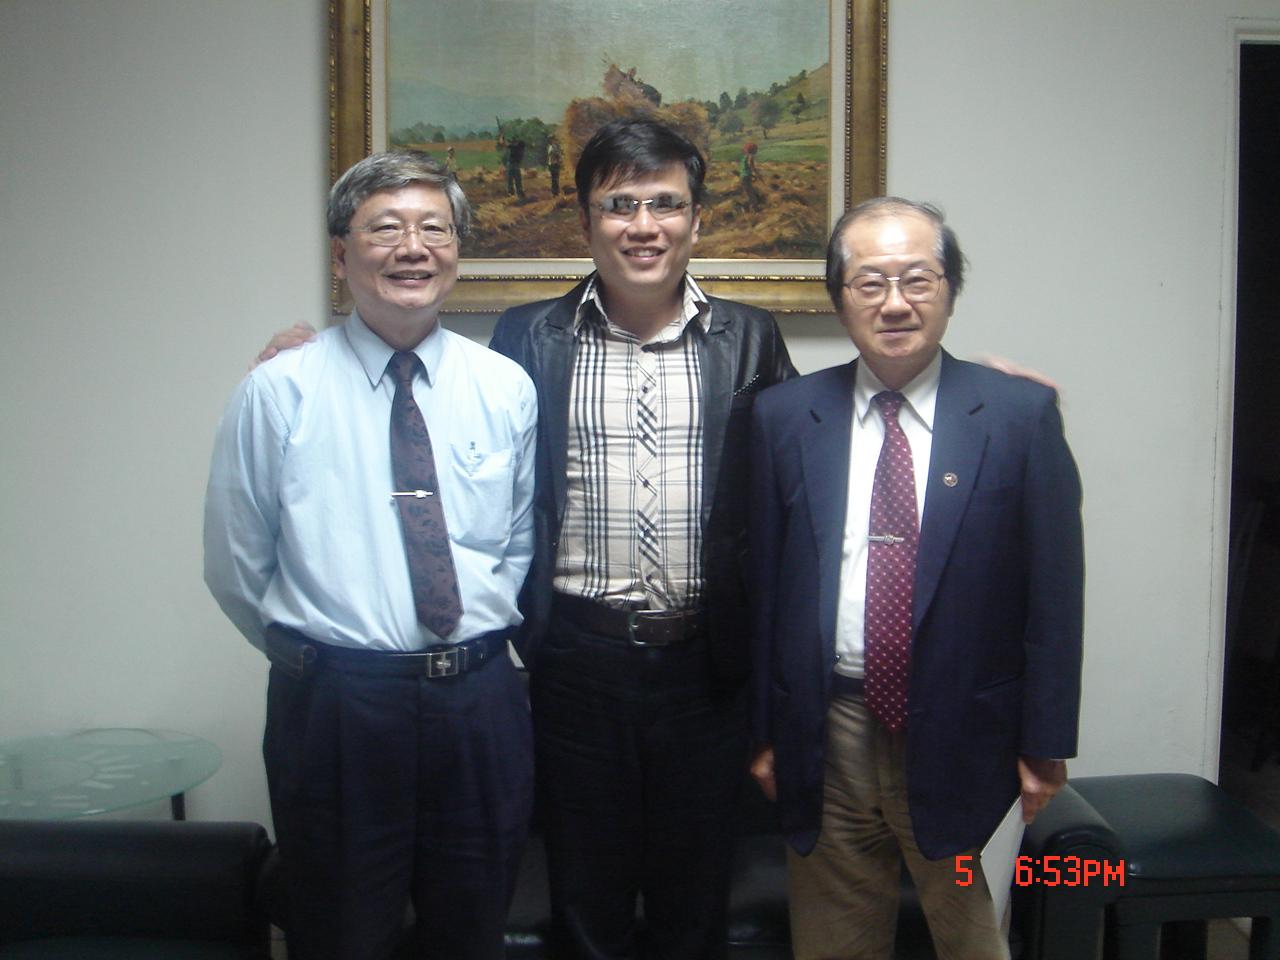 嘉義市副市長李錫津(圖右)、文化局局長饒嘉博(圖左)與主講人鍾興叡(圖中)合影留念。